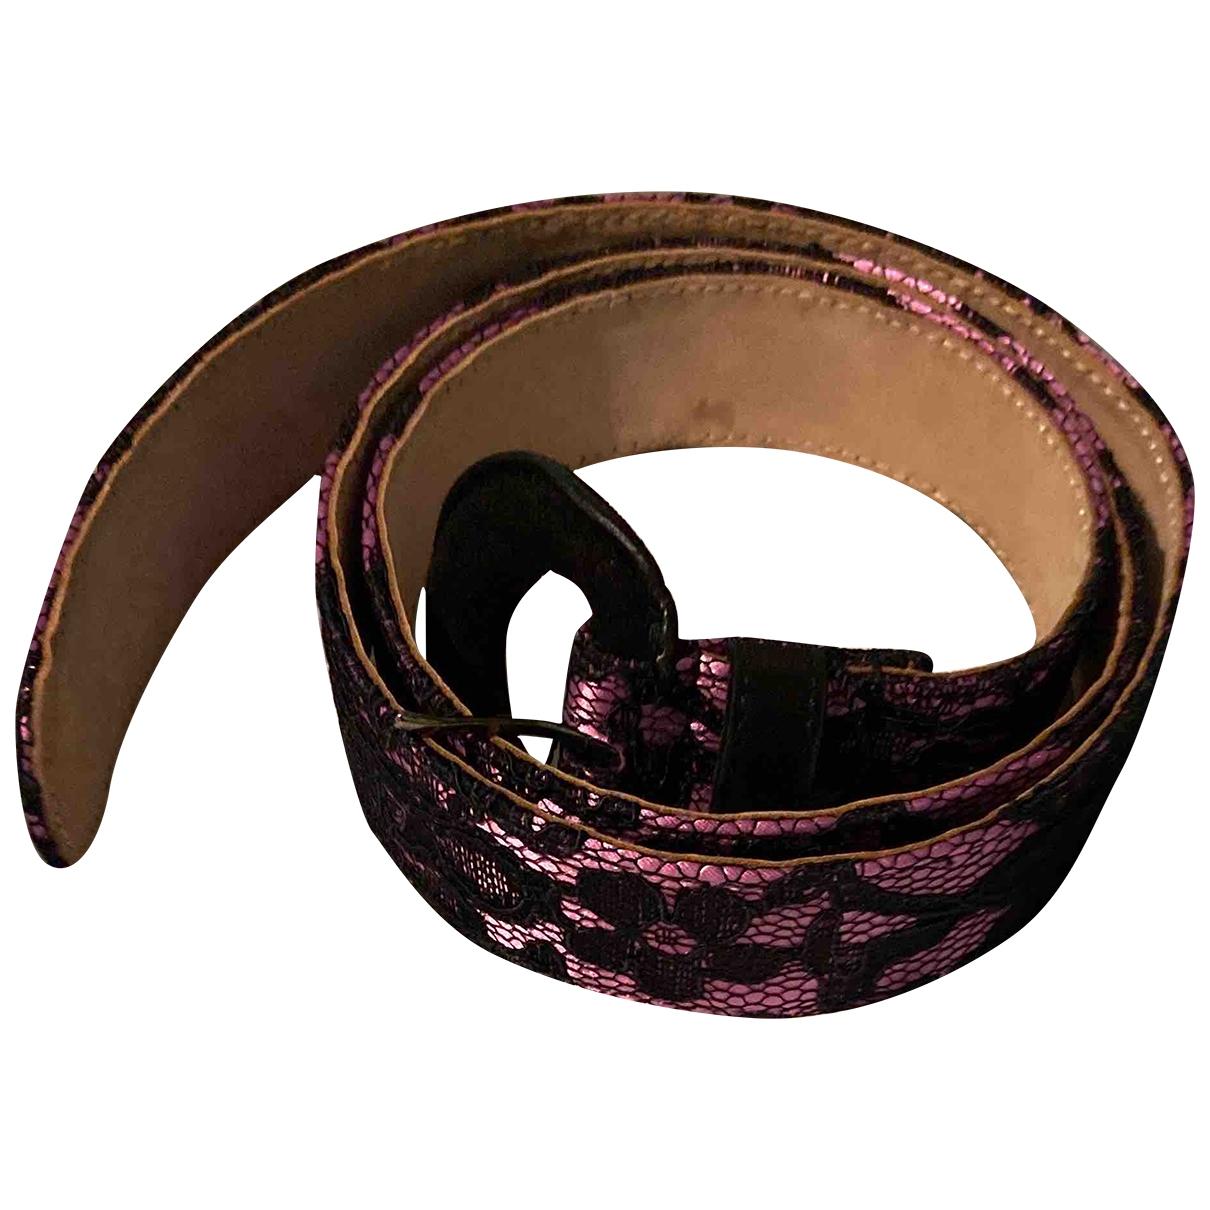 Cinturon de Lona D&g